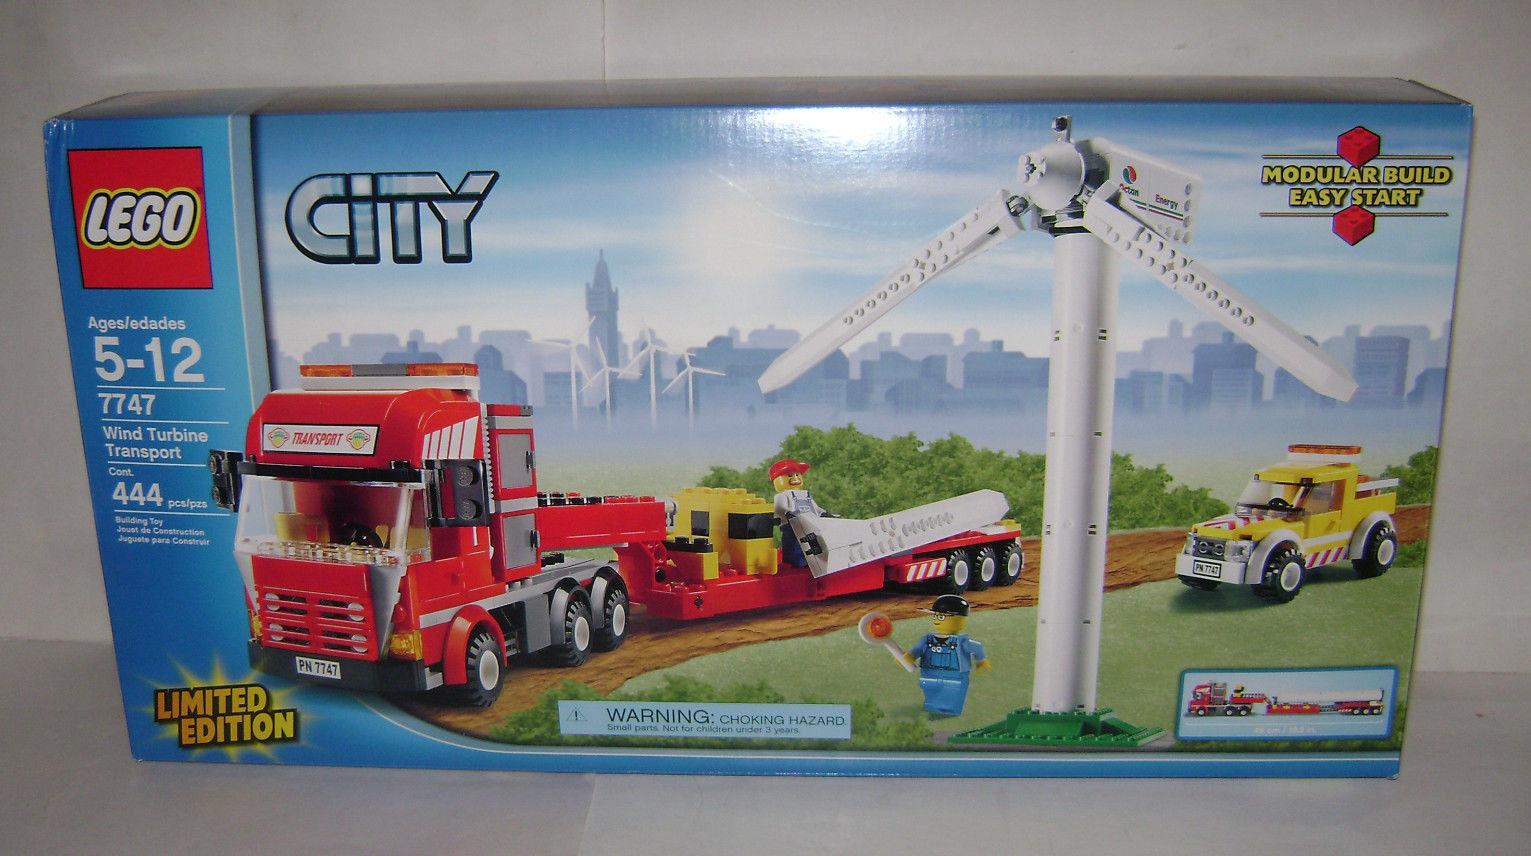 Nouveau 7747 LEGO CITY Wind Turbine Transport Building  Toy Boîte Scellée retraité une  grande vente